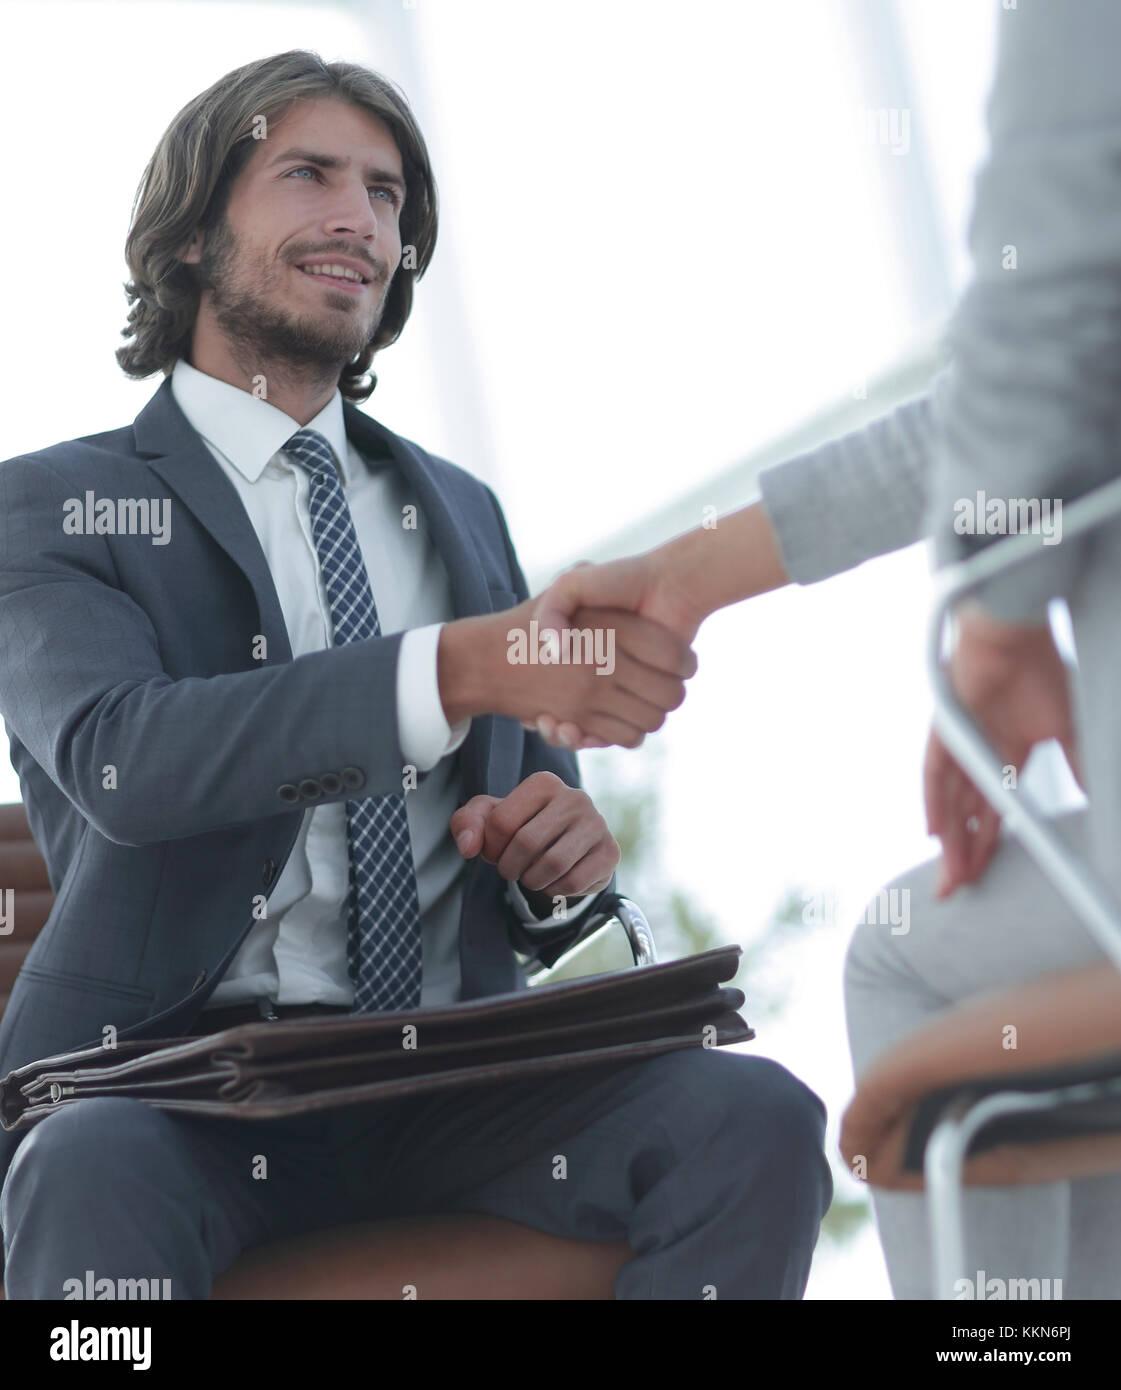 Erfolgreiche Job Interview mit Chef und Mitarbeiter handshaking Stockbild